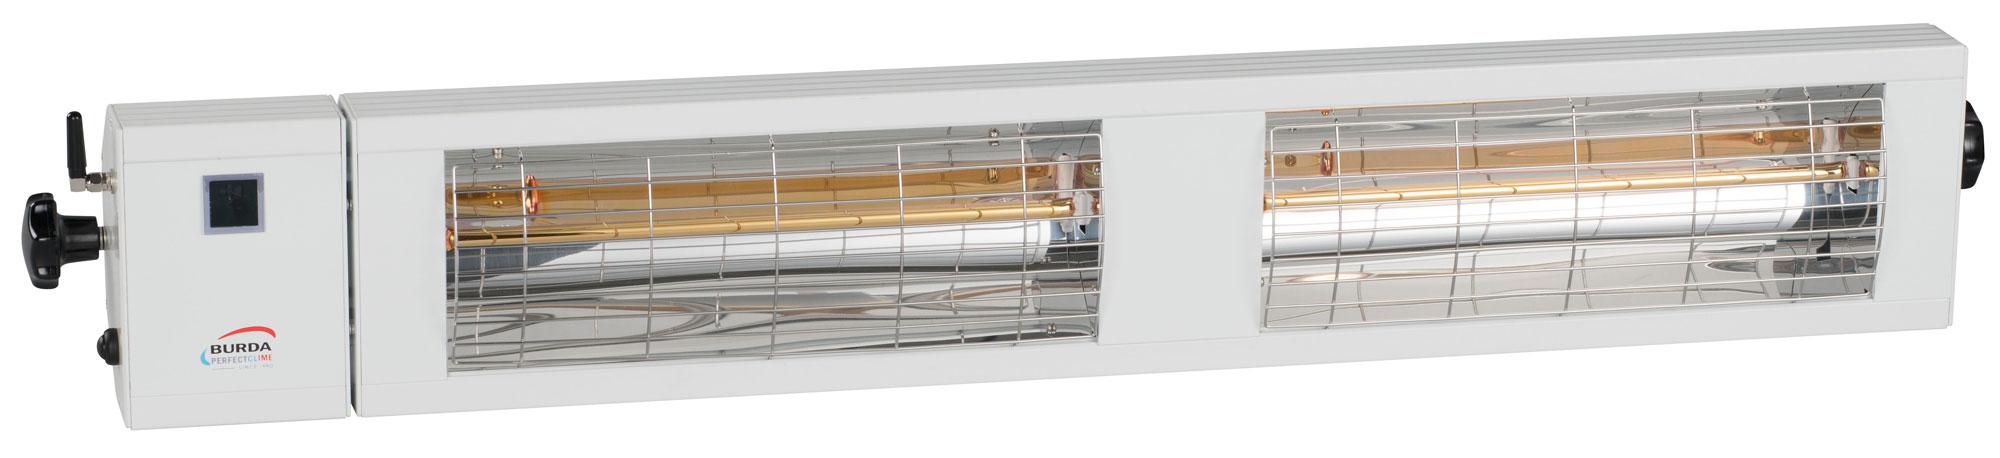 Burda Infrarot Heizstrahler SMART Multi BT IP24 2x1,5kW weiß Bild 1